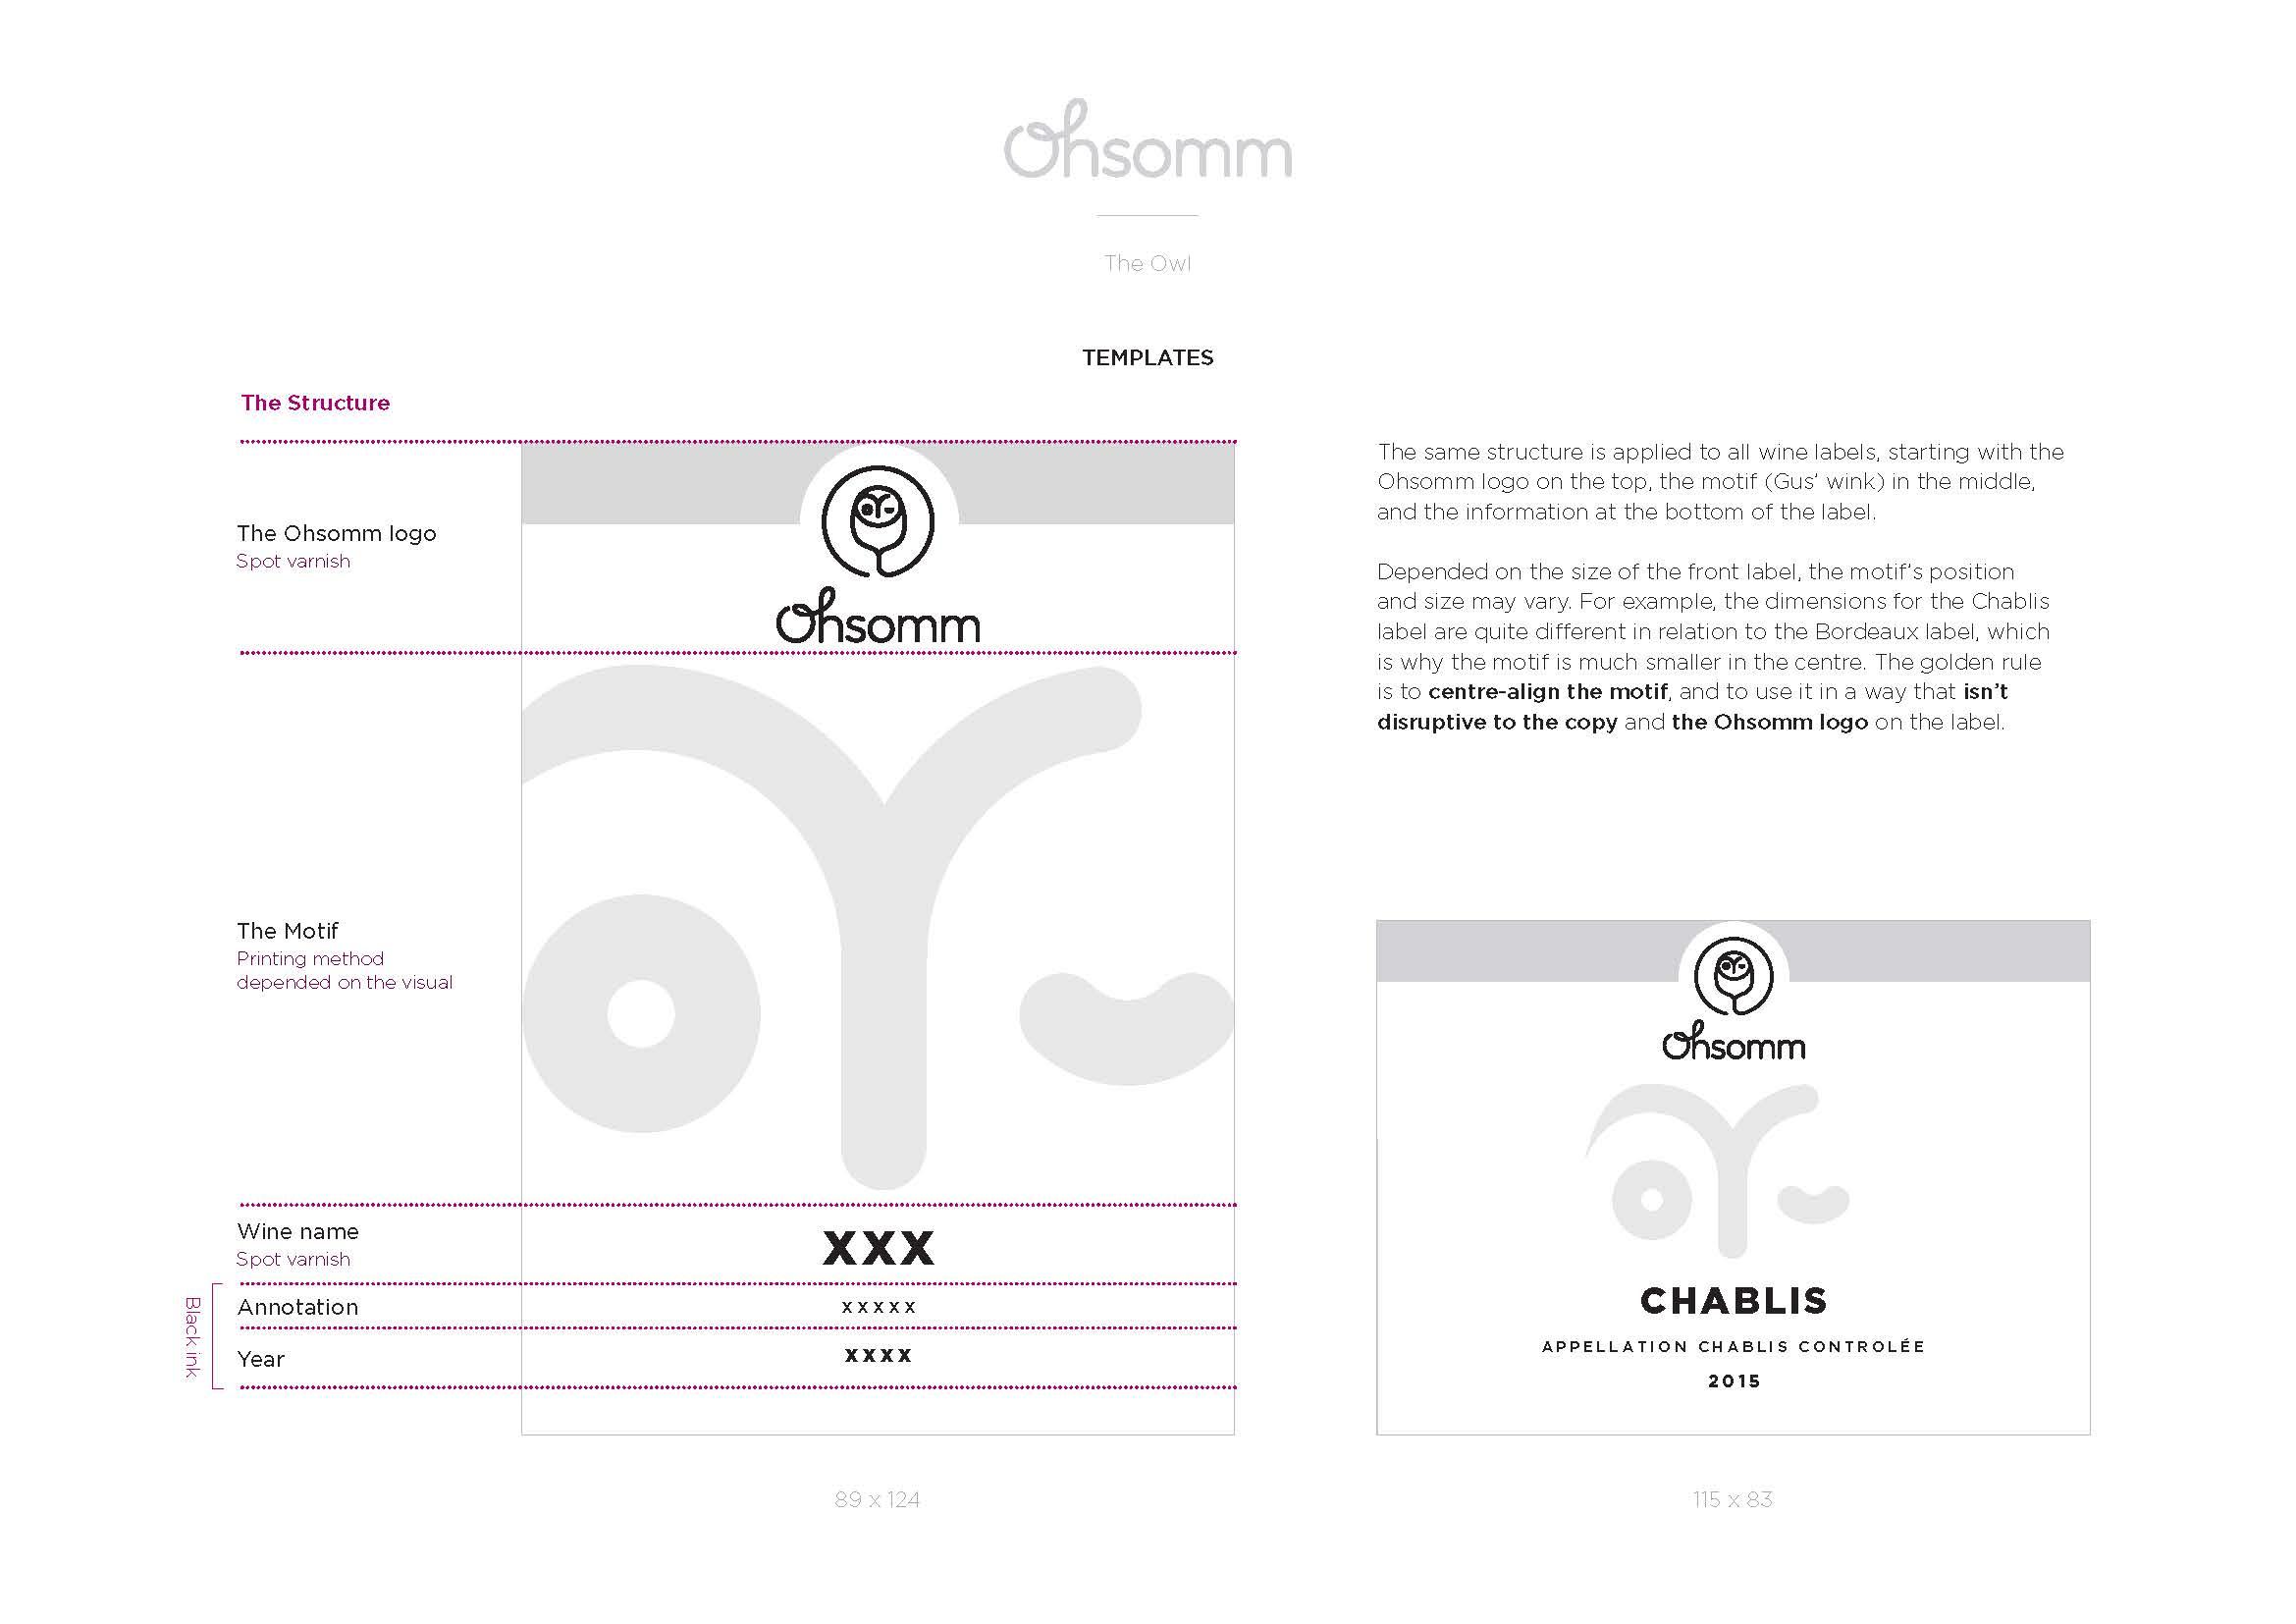 OHSOMM_Front-Designs_Revisited_v2_Page_037.jpg